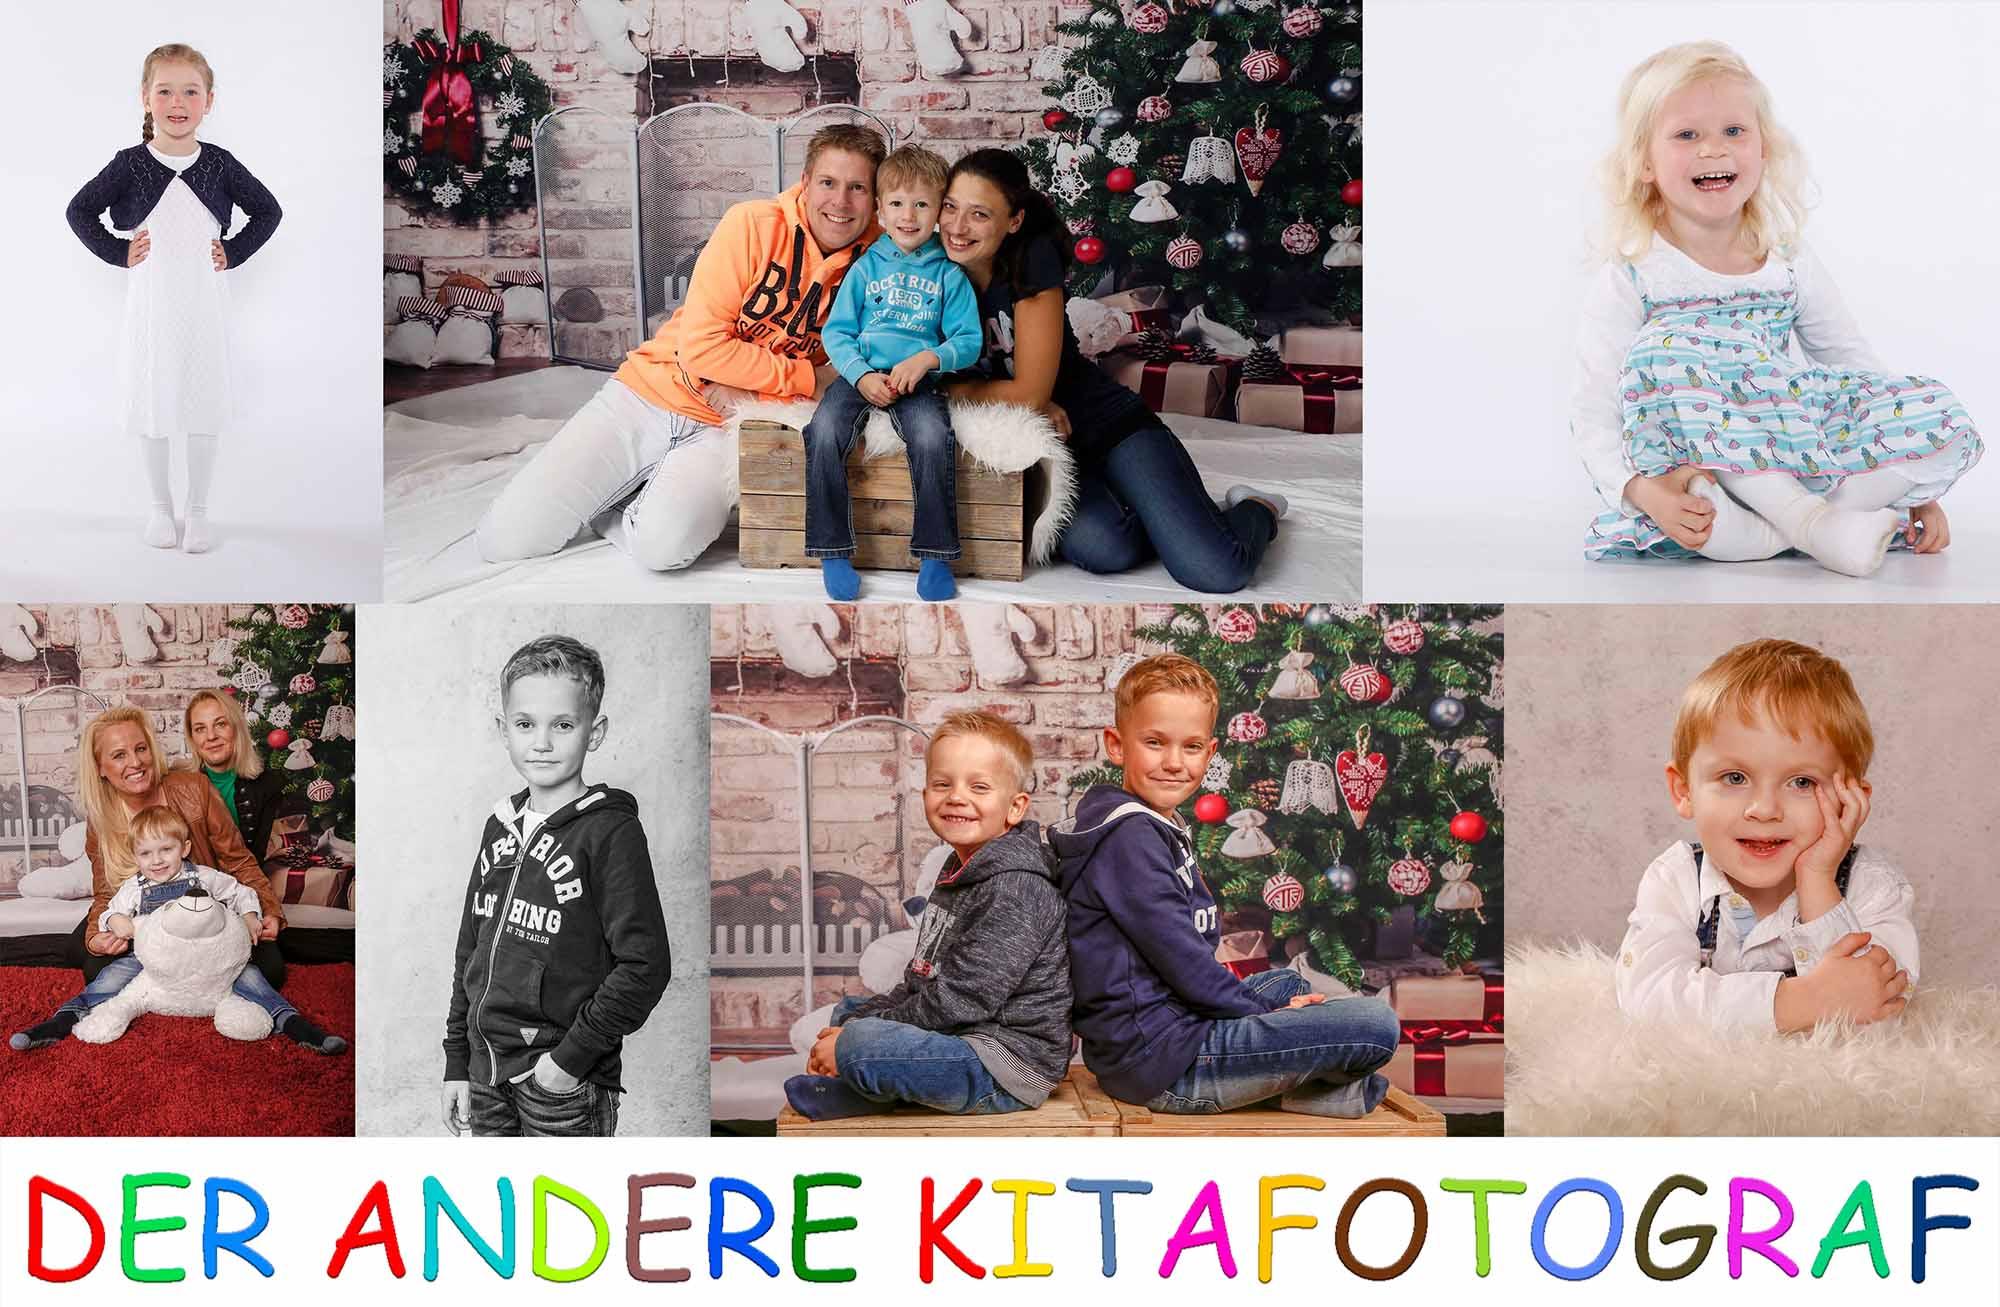 Wieder kostenlose Weihnachtsfotoshootings in Hamburg, Niedersachsen und Schleswig-Holstein, Kitafotograf